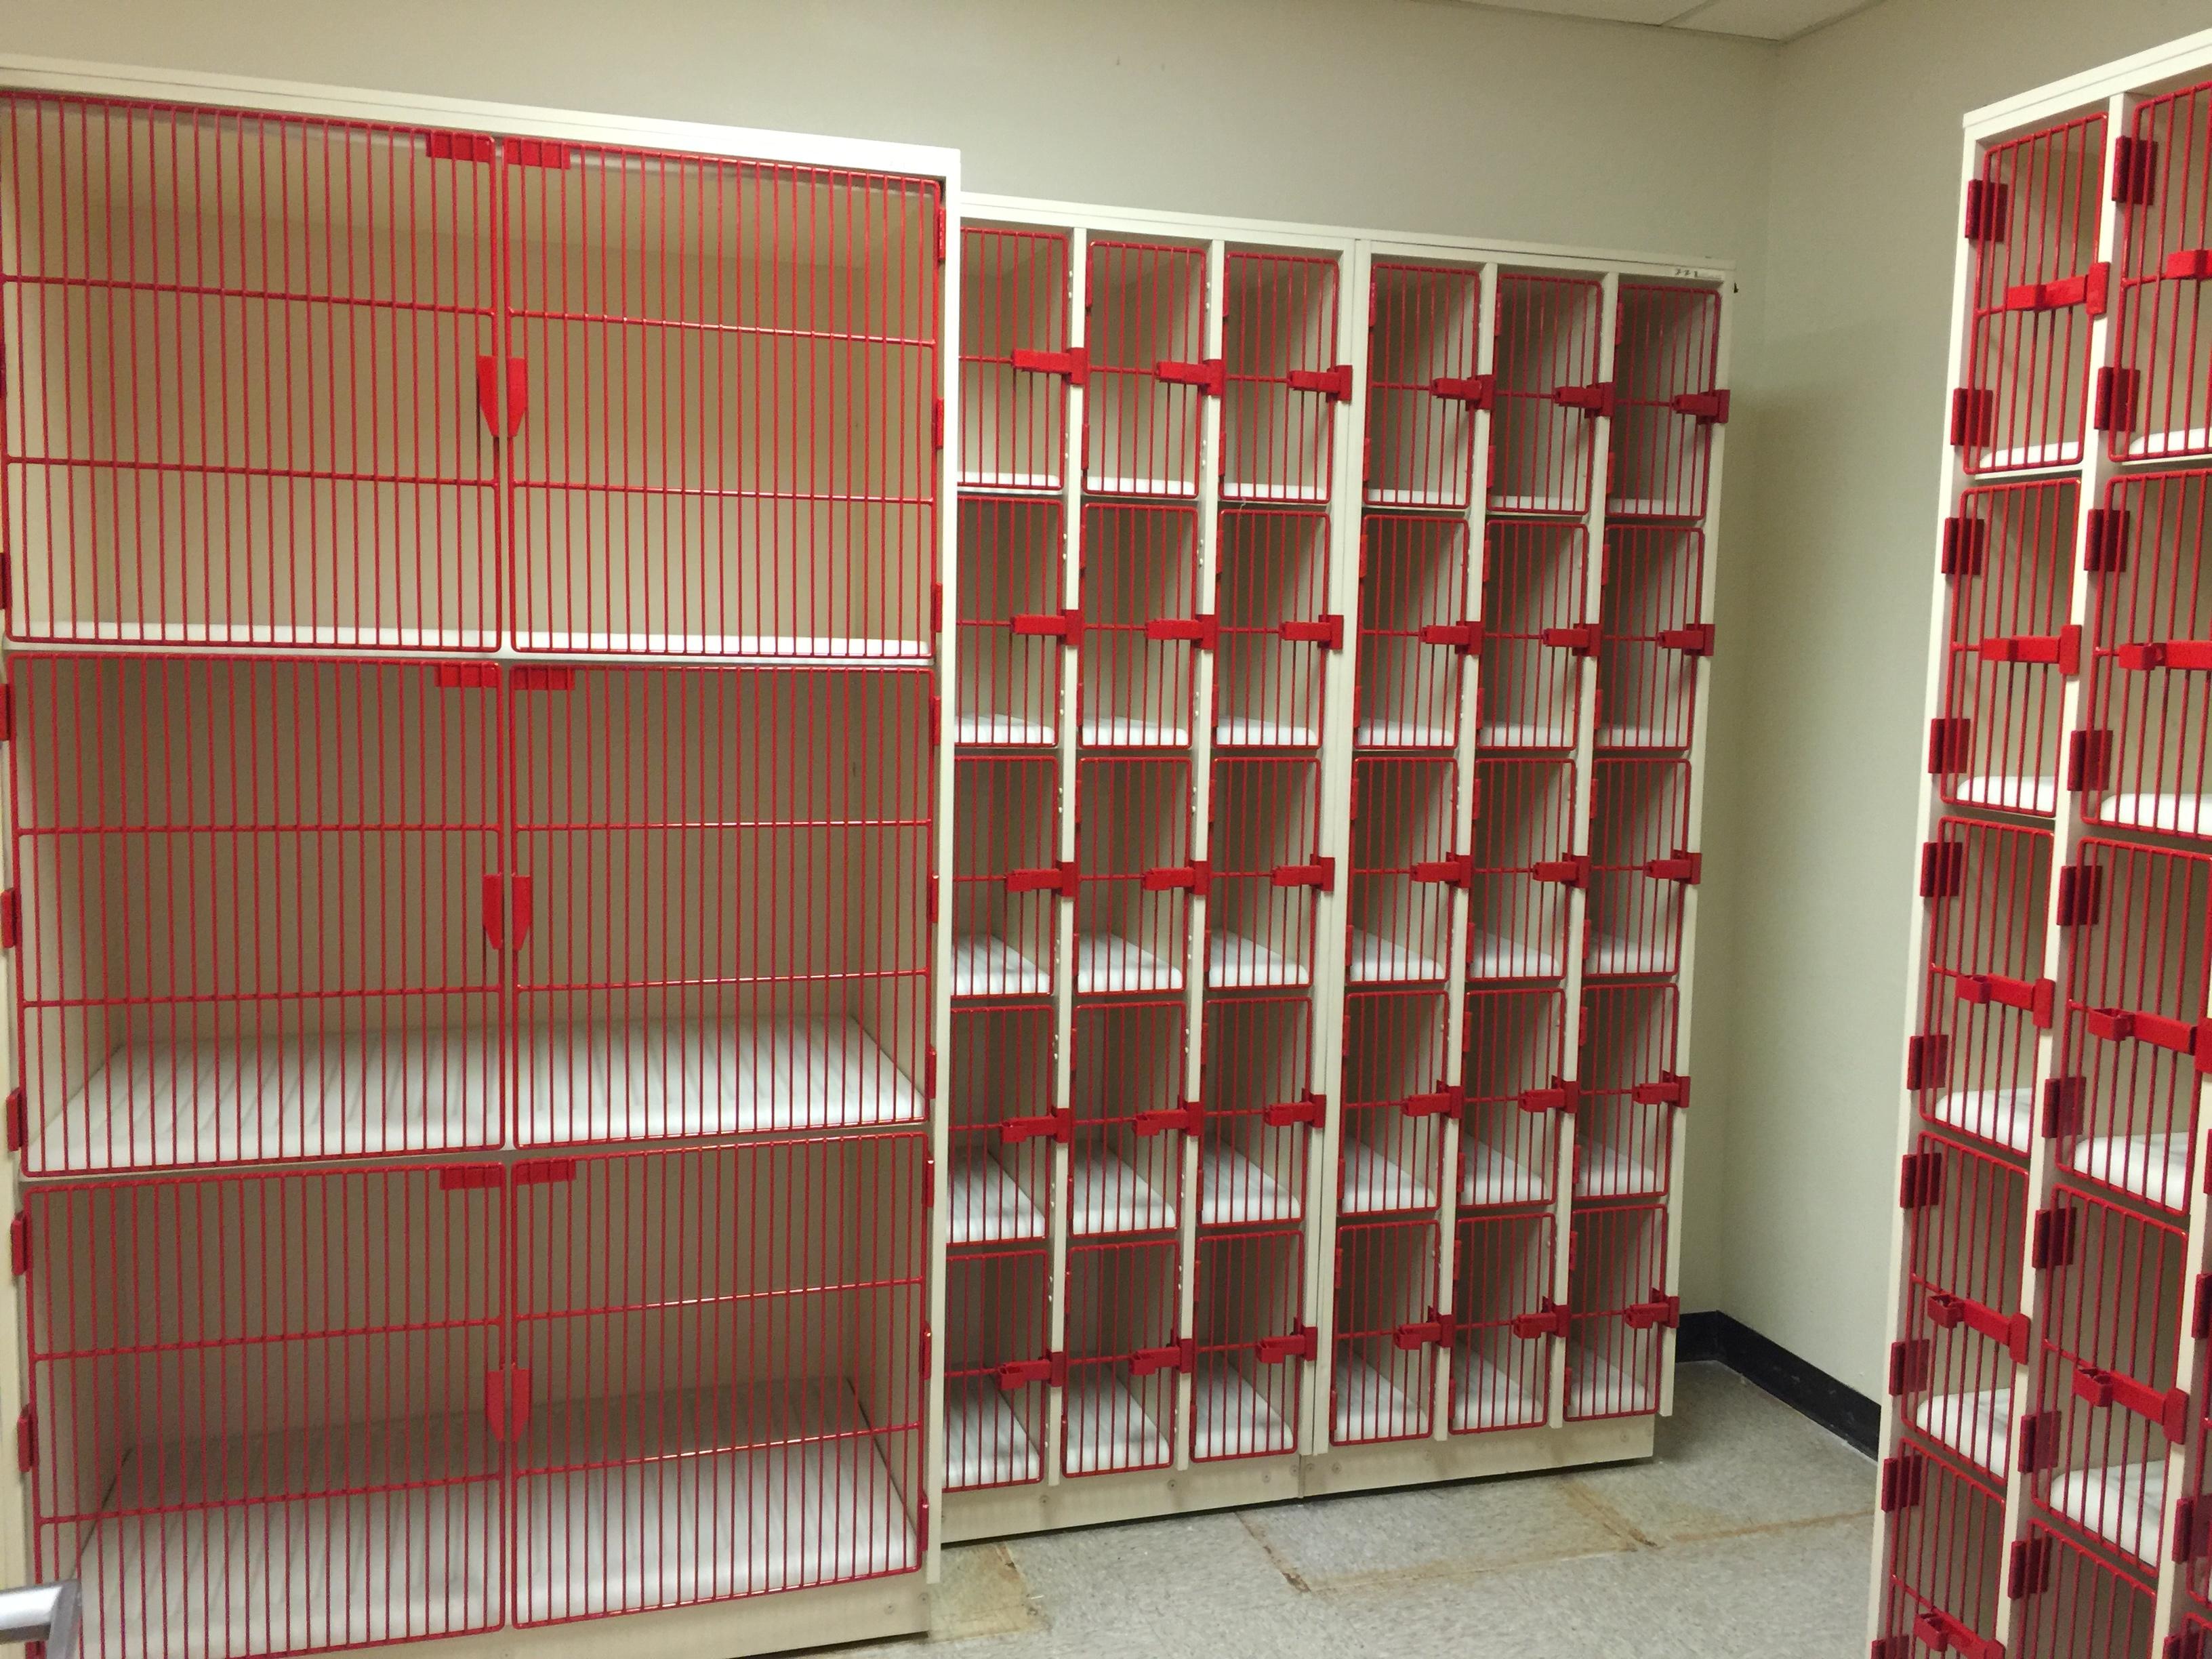 Gentil Musical Instrument Storage Cabinets Gallery Storage Cabinets Music  Equipment . Musical Instrument Storage ...